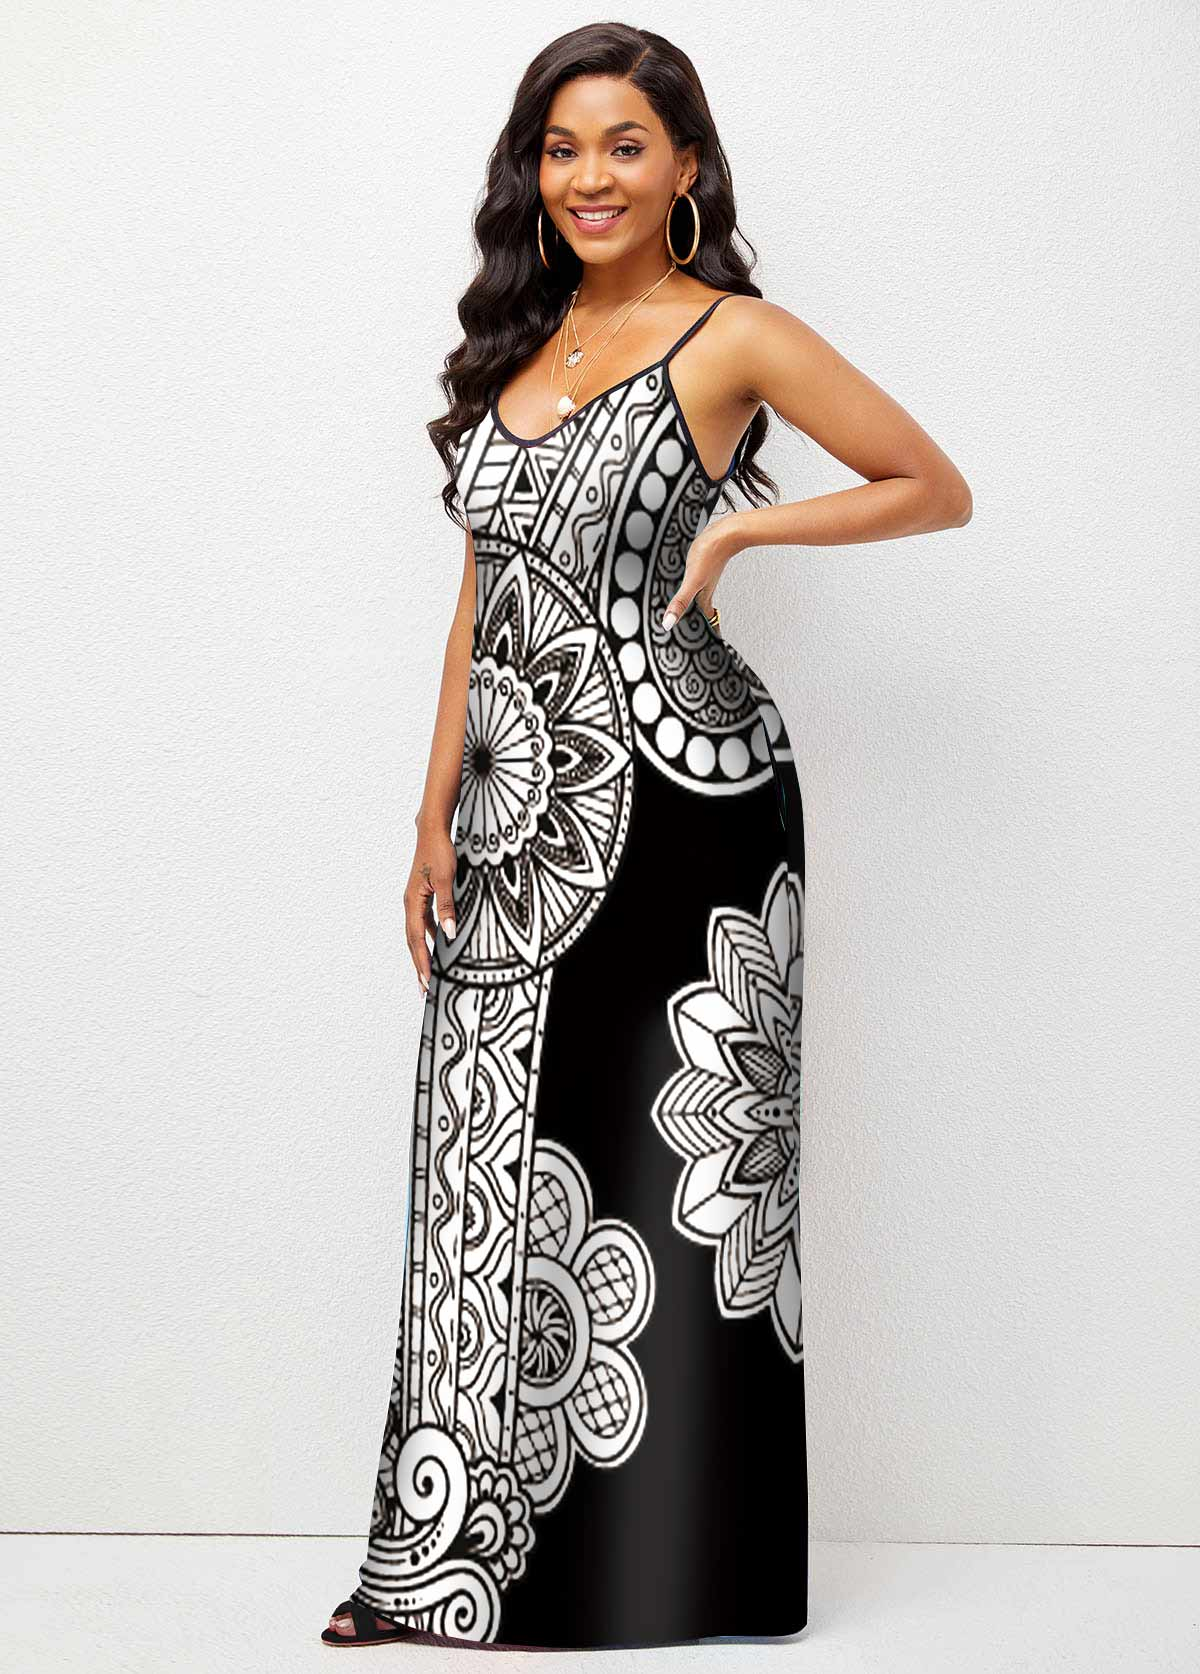 High Waist Spaghetti Strap Floral Print Maxi Dress